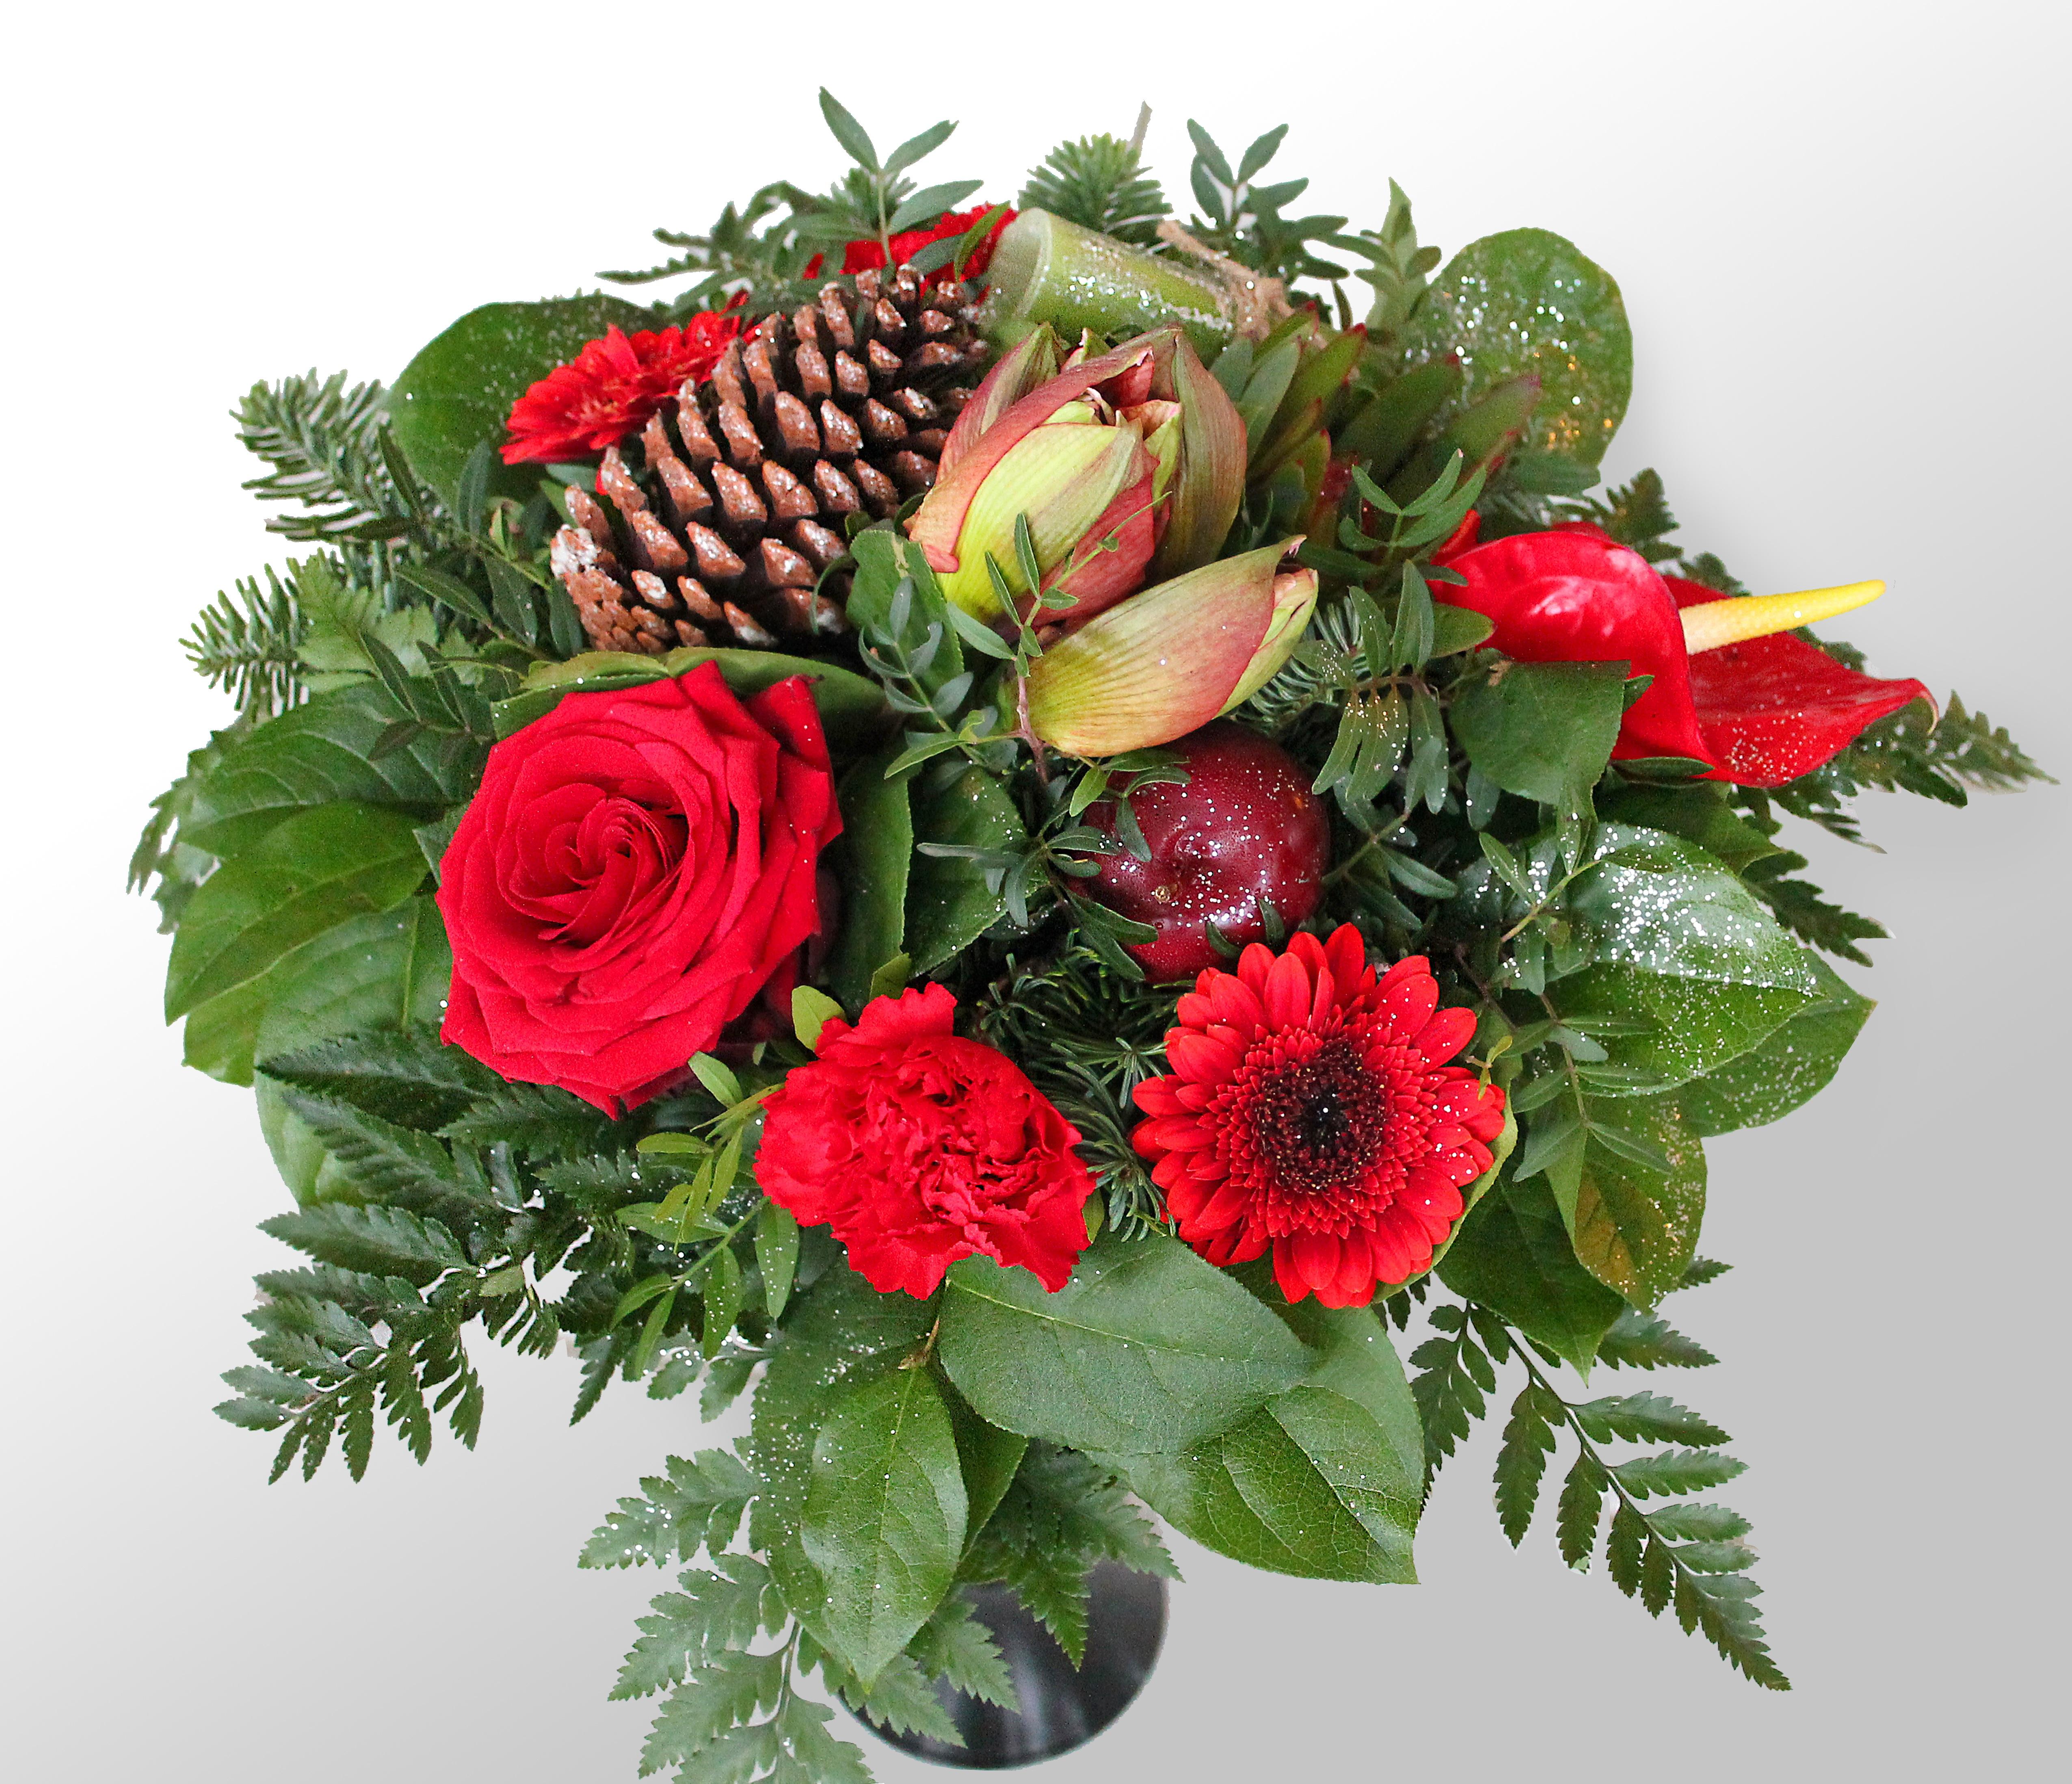 Free Images Petal Vase Red Rose Red Flower Background Spruce